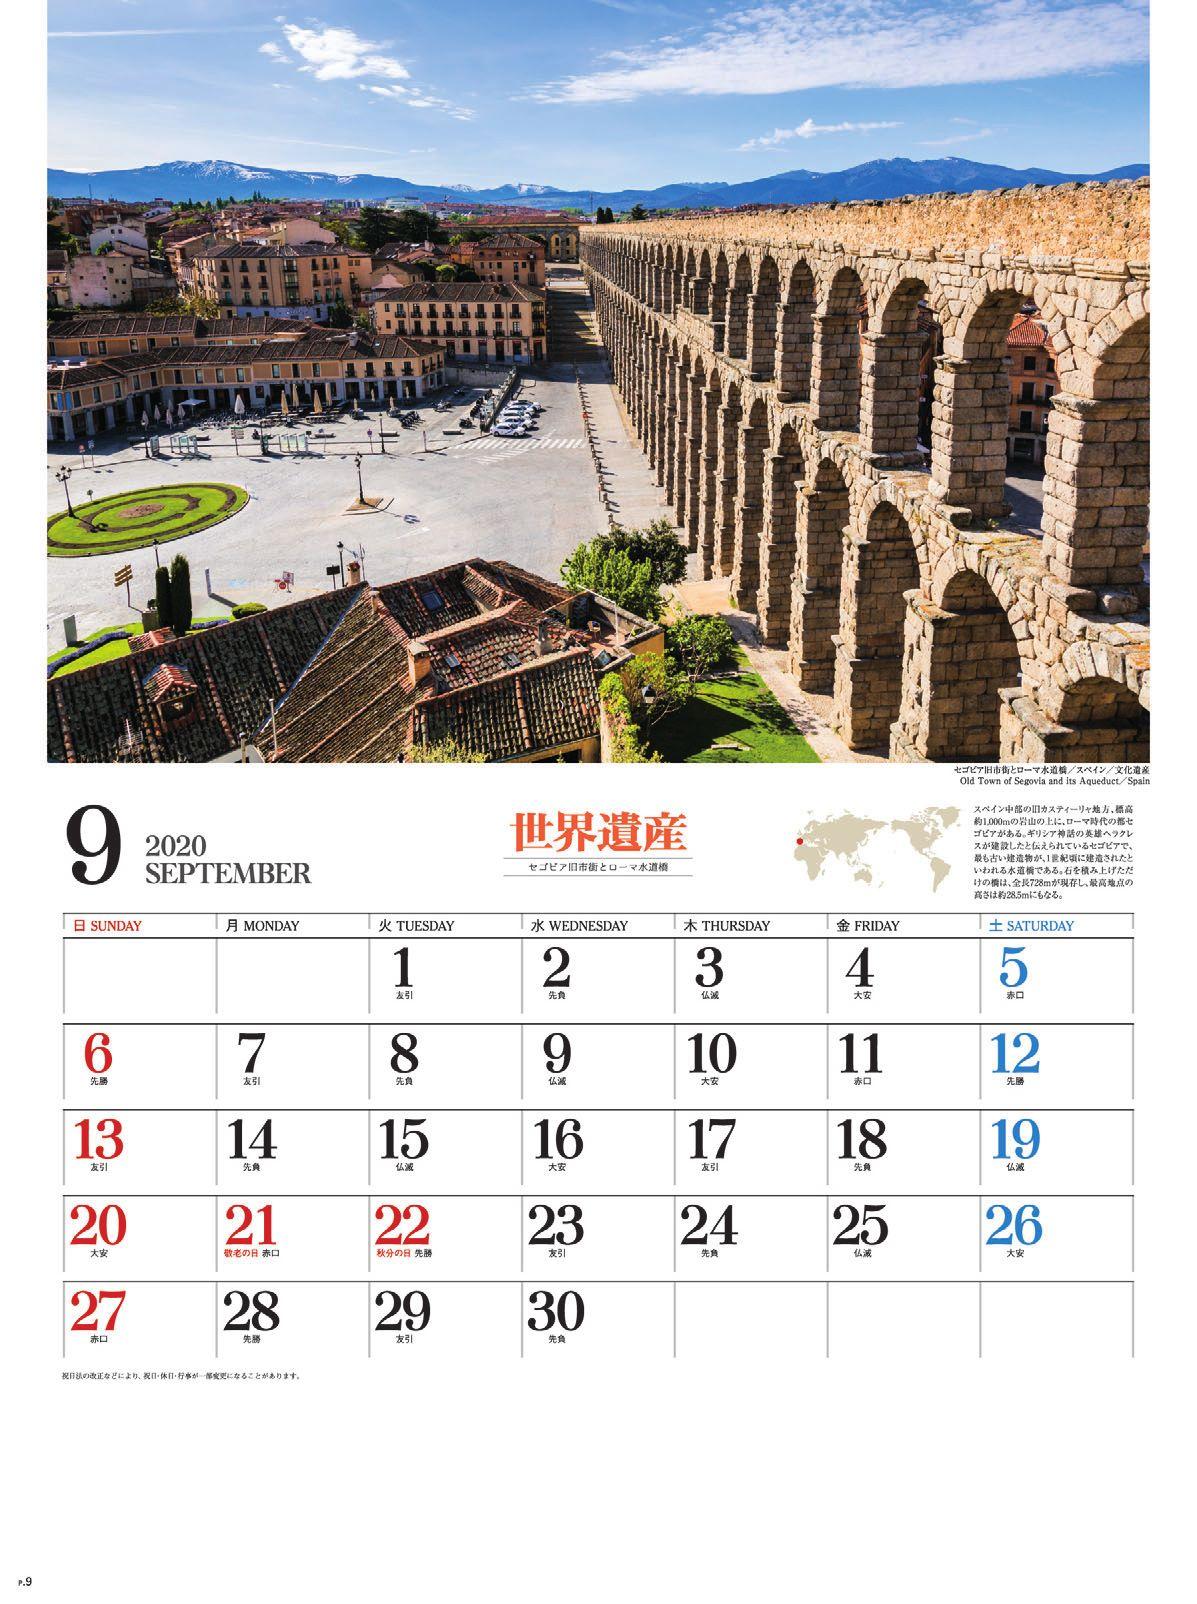 画像:セゴビア旧市街とローマ水道橋(スペイン) ユネスコ世界遺産 2020年カレンダー